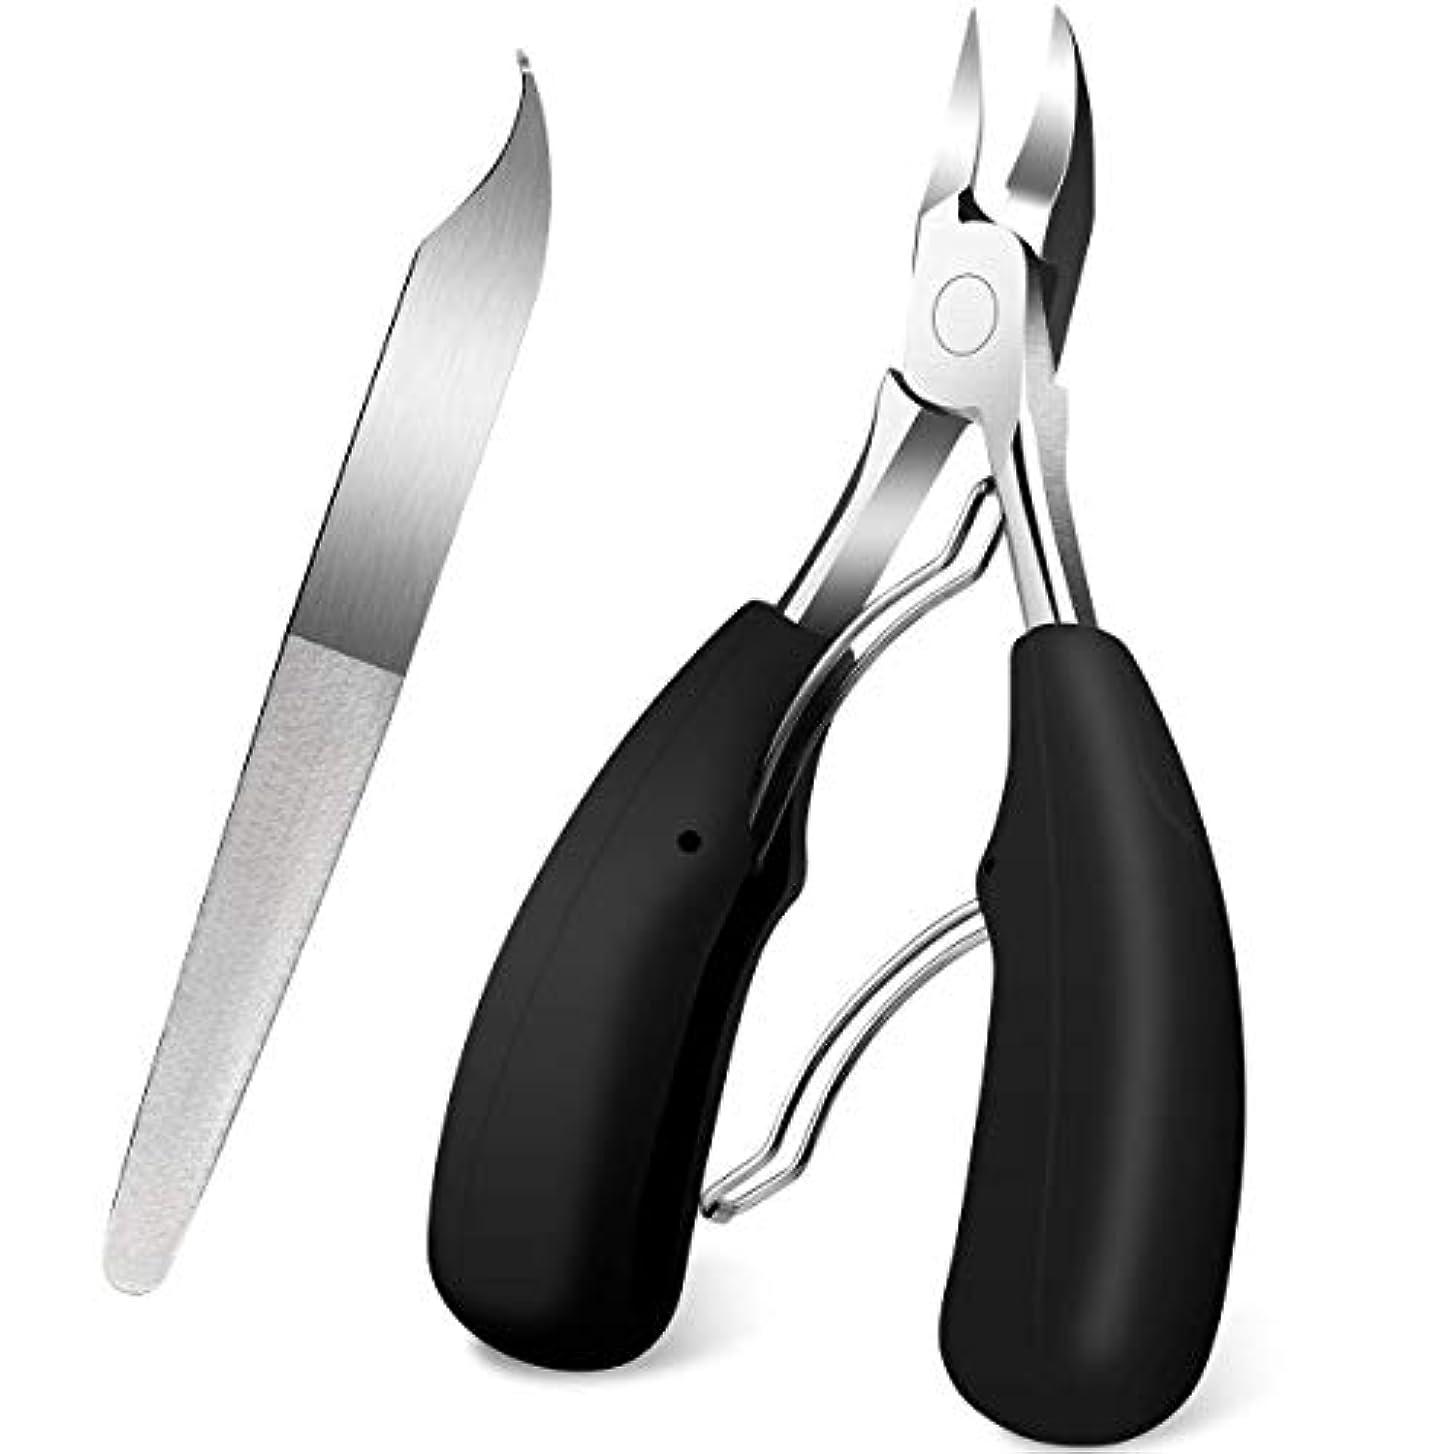 遷移シリング鳥爪切り ニッパー 巻き爪 変形爪 硬い爪 ネイルケア 3way仕様爪やすり 手足兼用 つめきり (2点セット) …